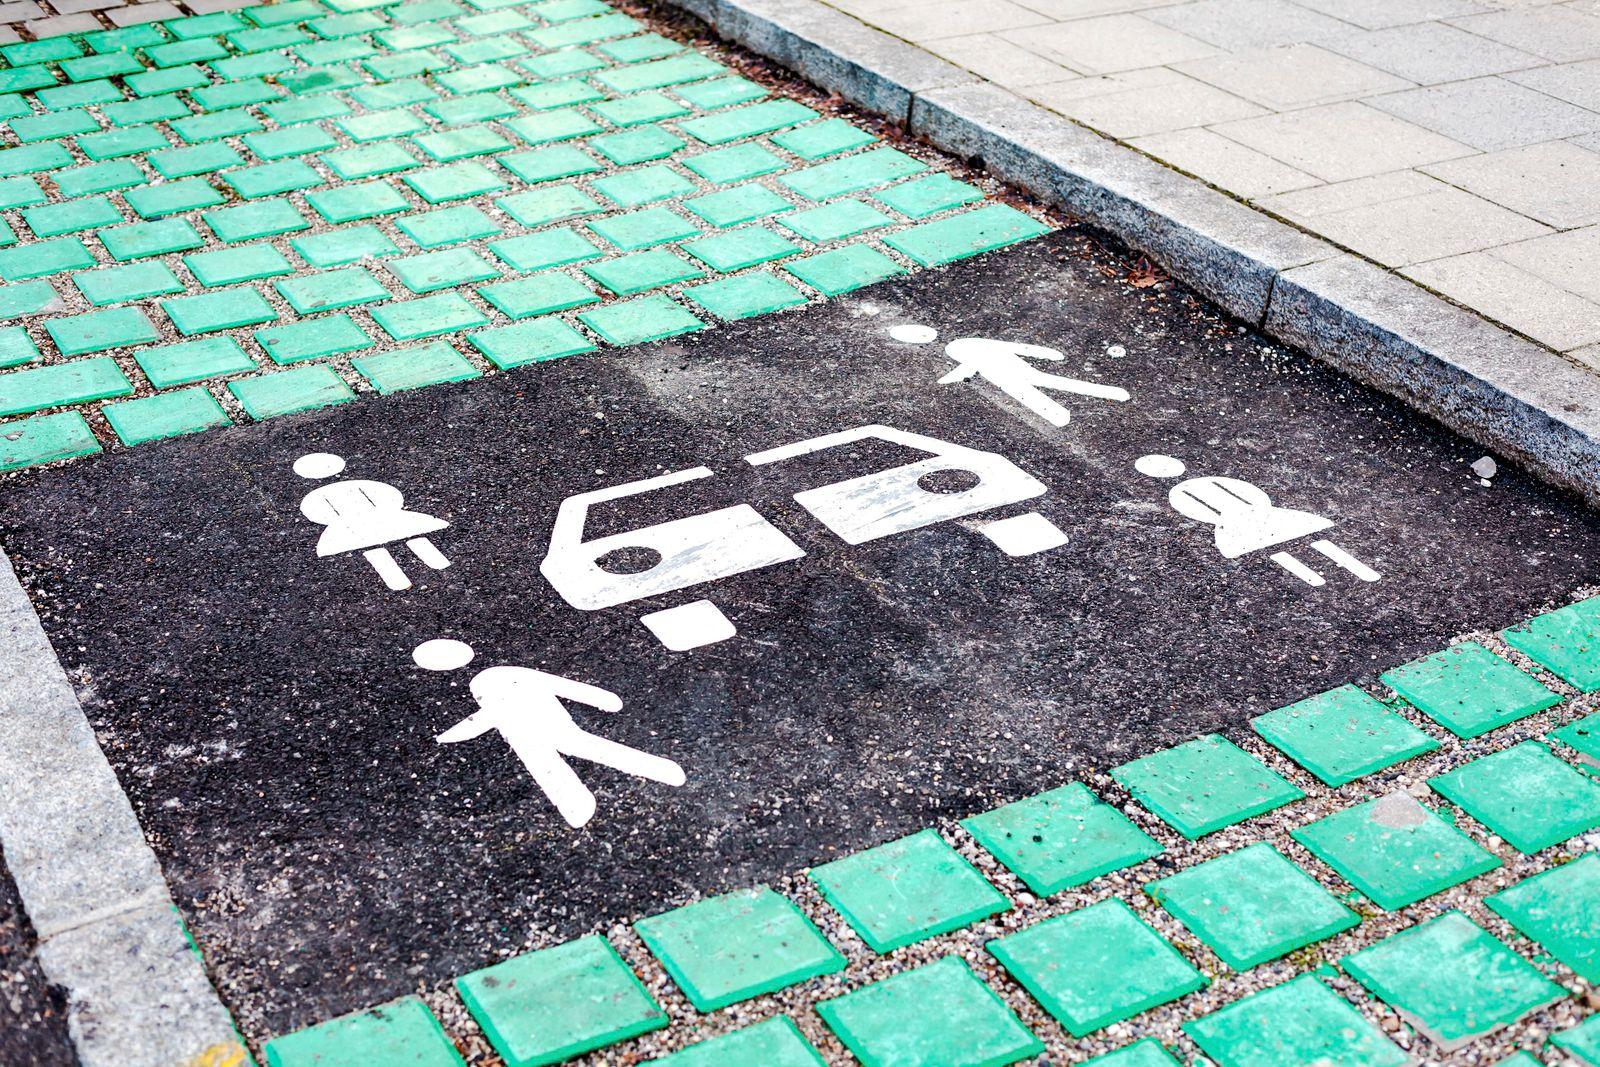 Car sharing vehicle parking sign on asphalt road